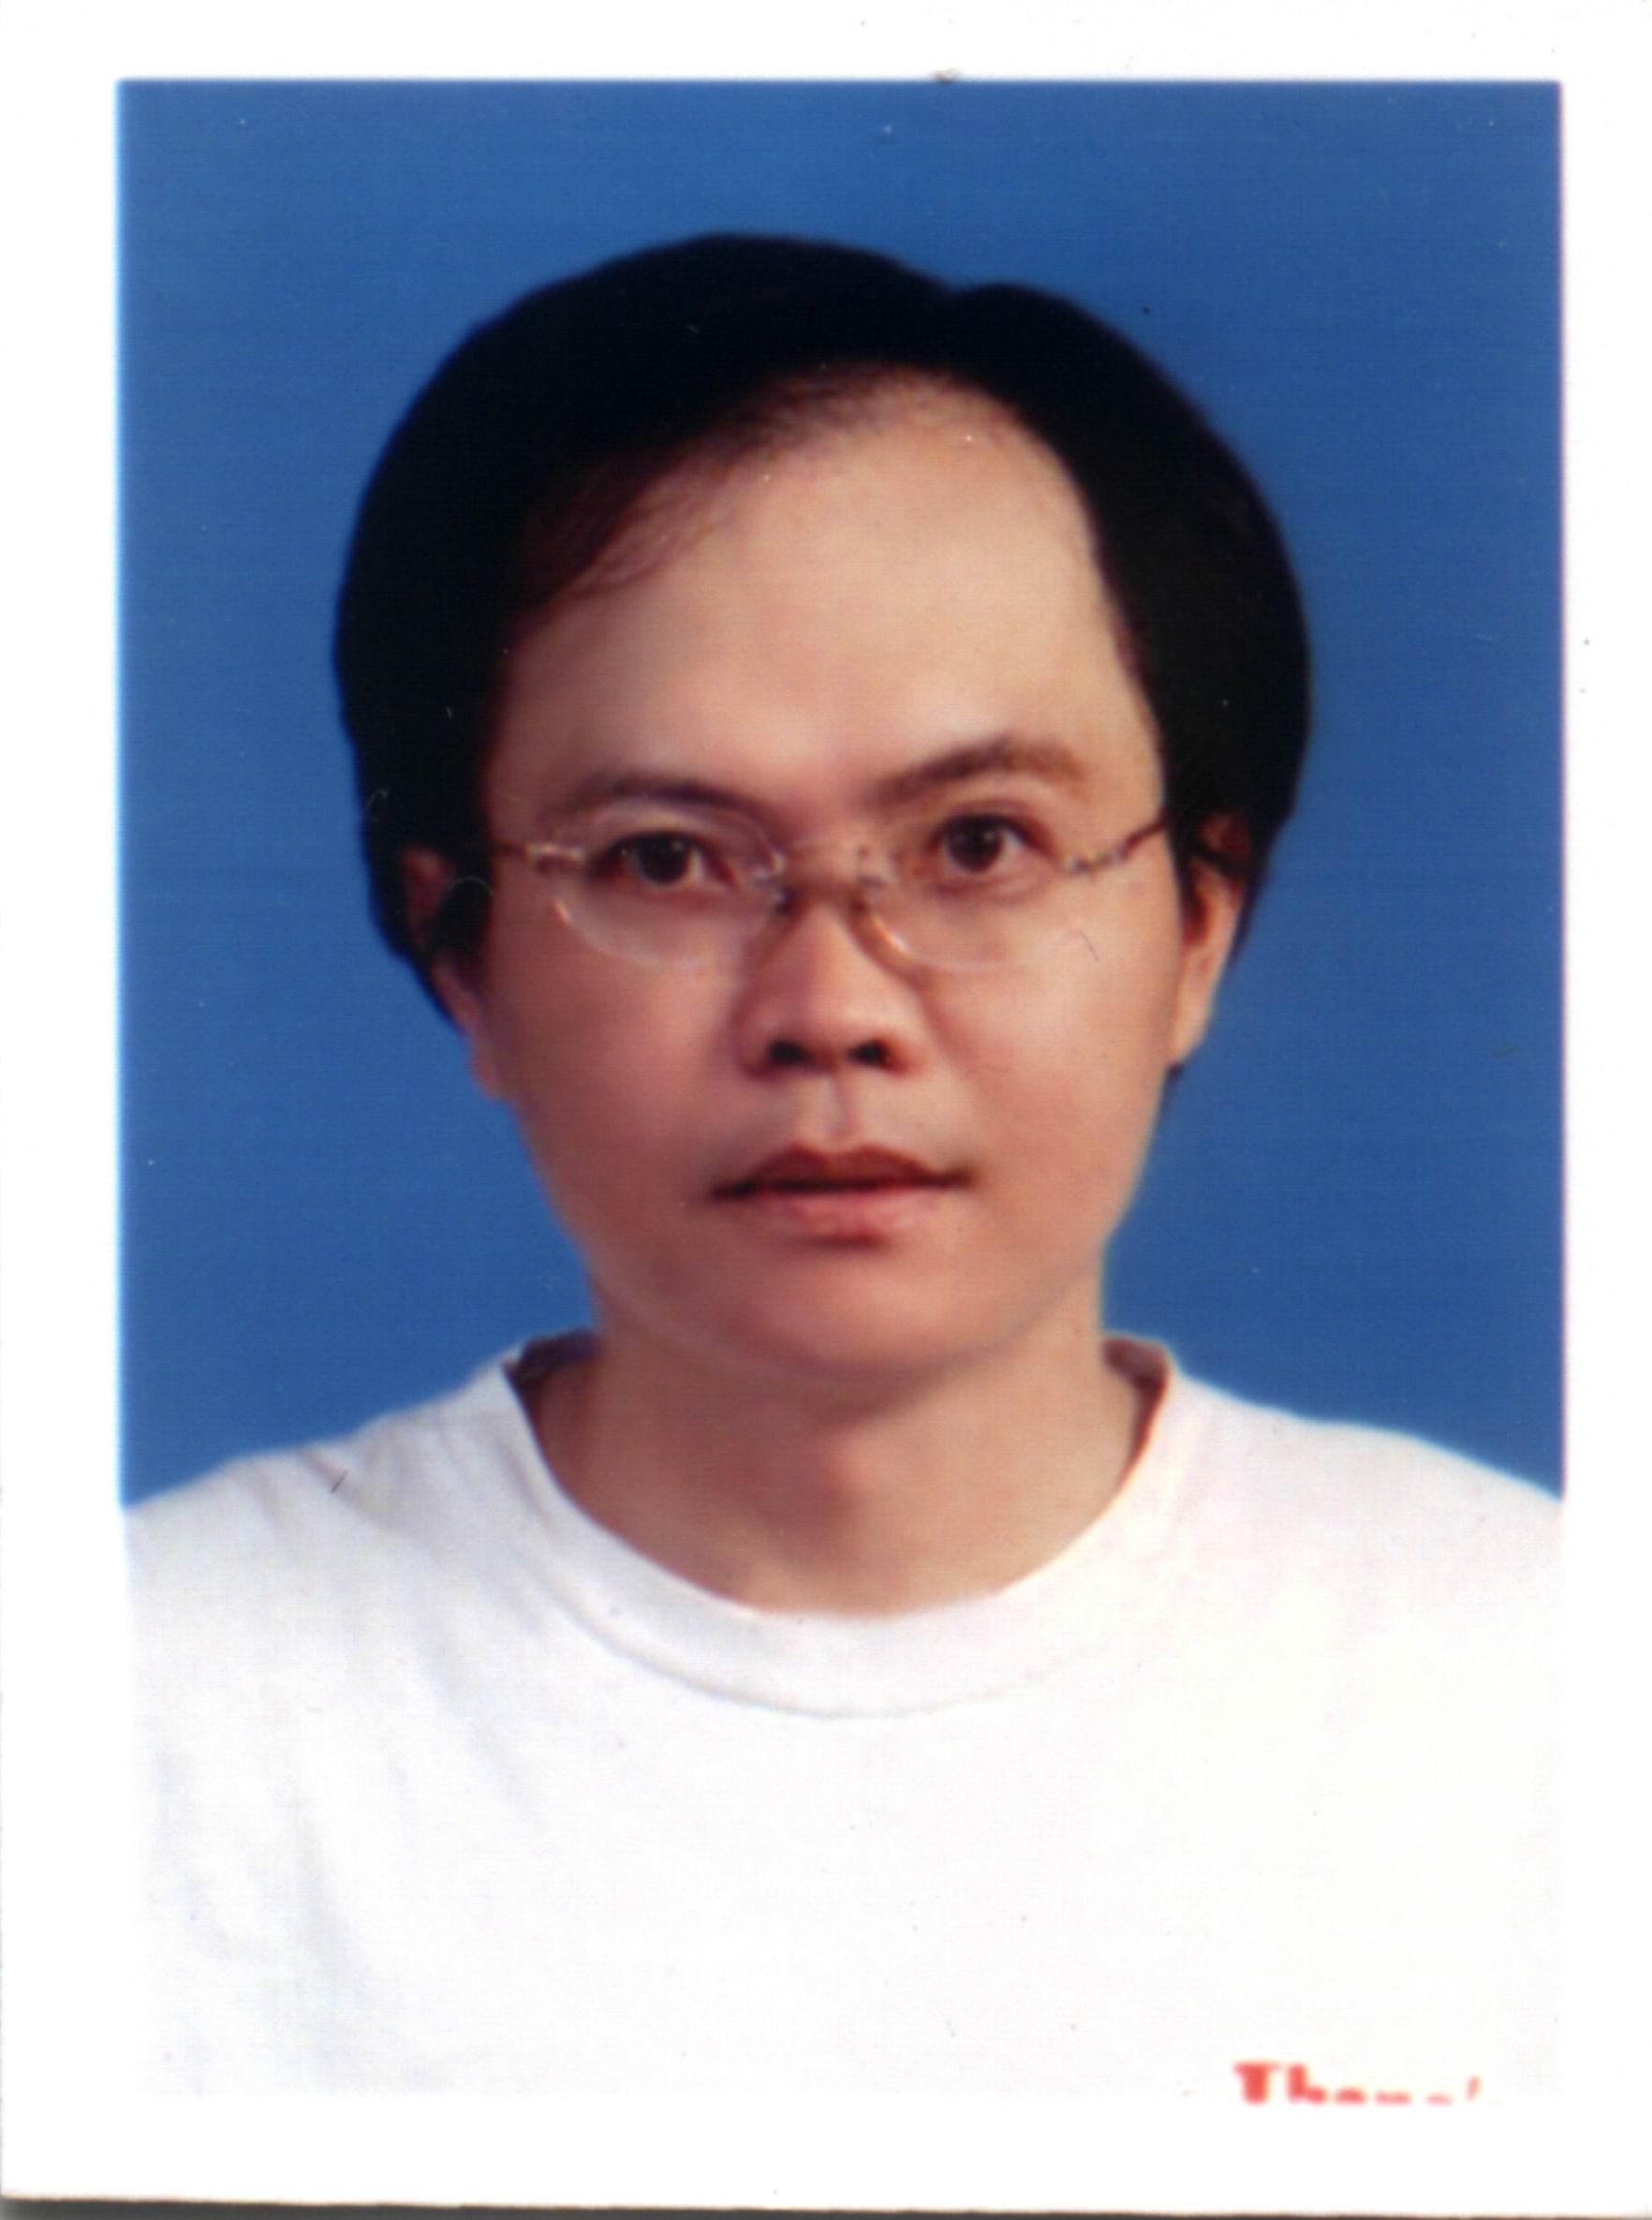 Yung Hsi Kao